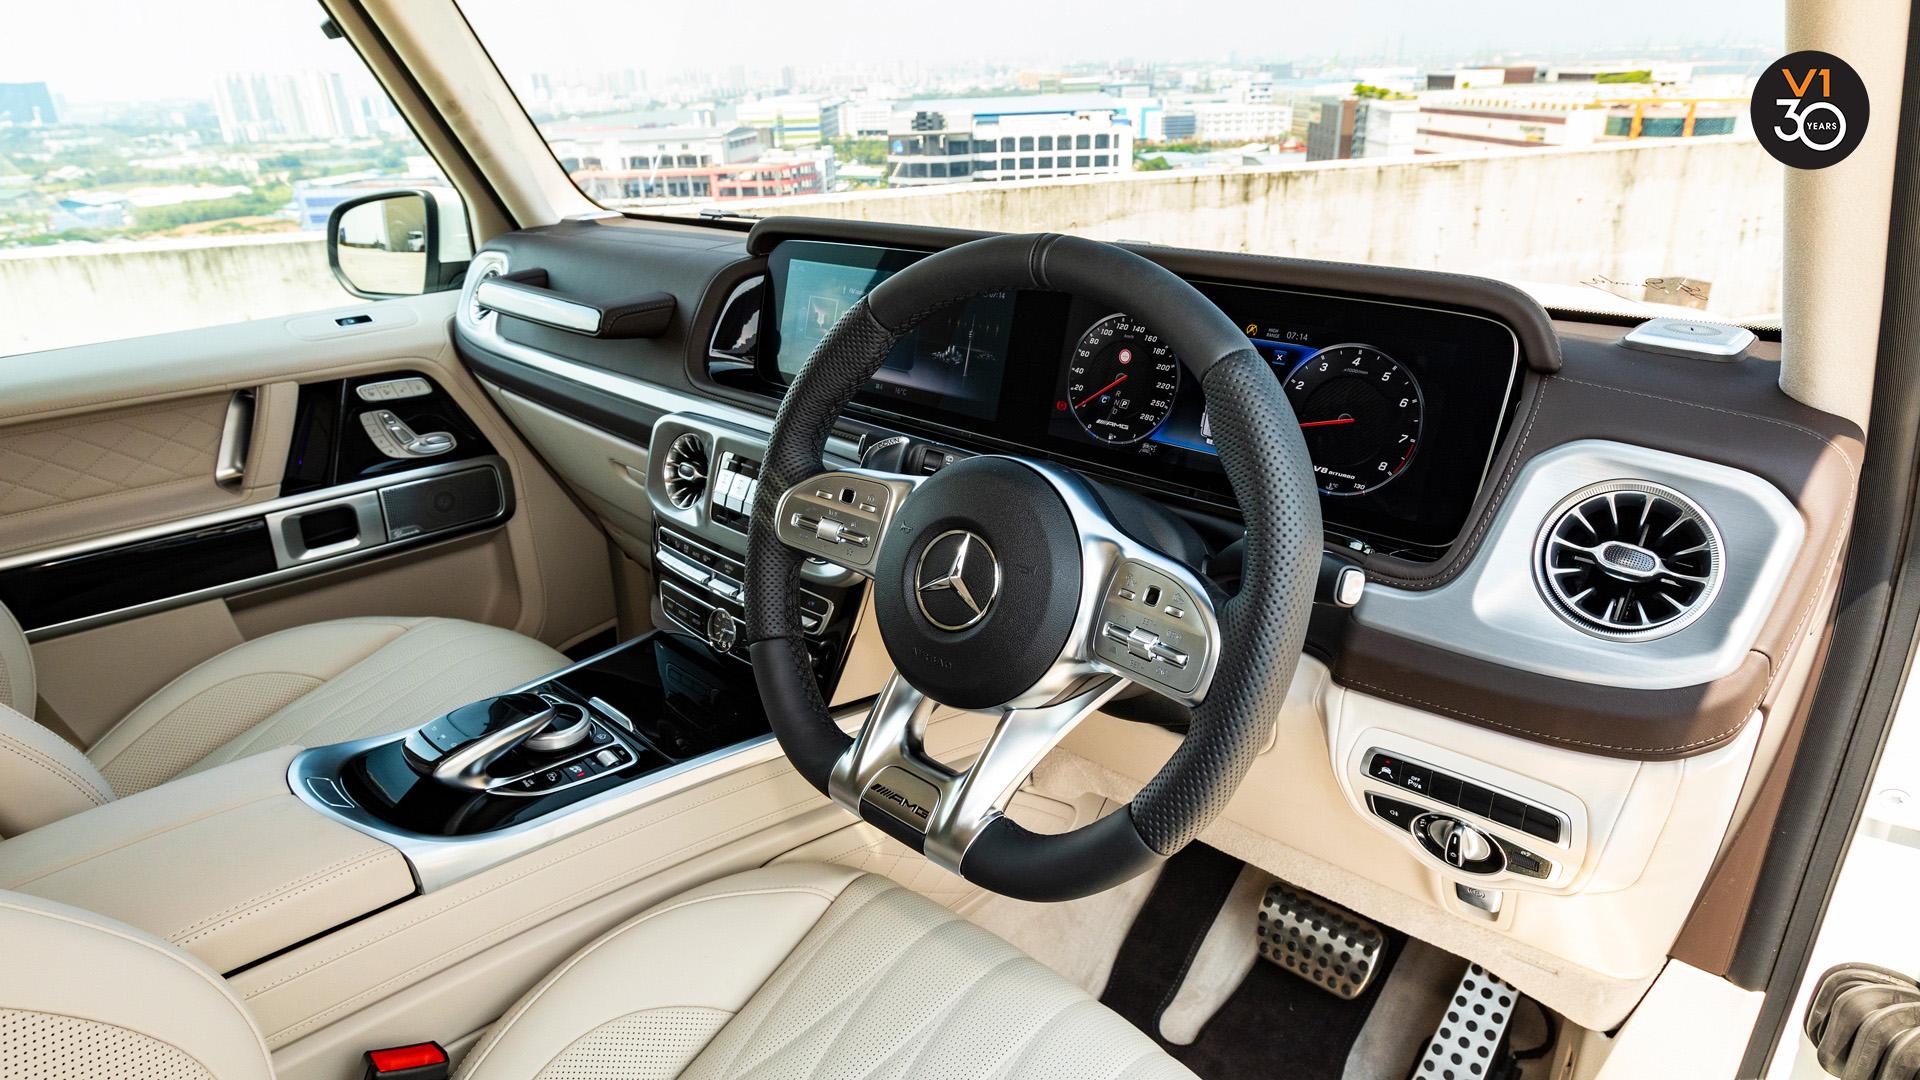 Mercedes G63 AMG - Steering Wheel